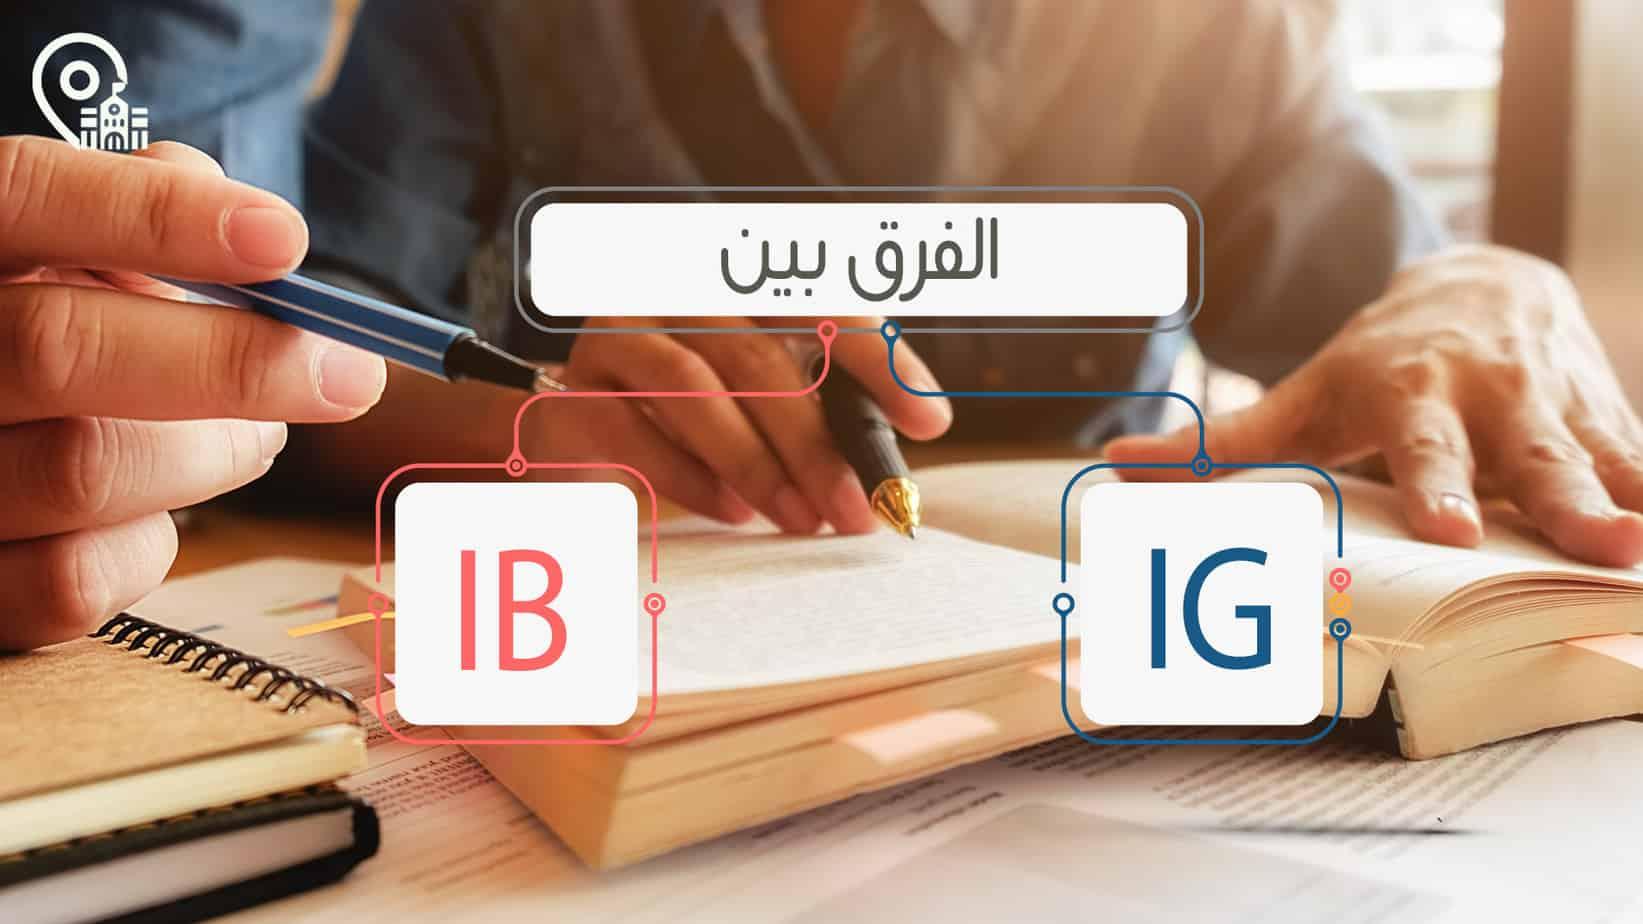 الفرق بين نظام ال IG وال IB